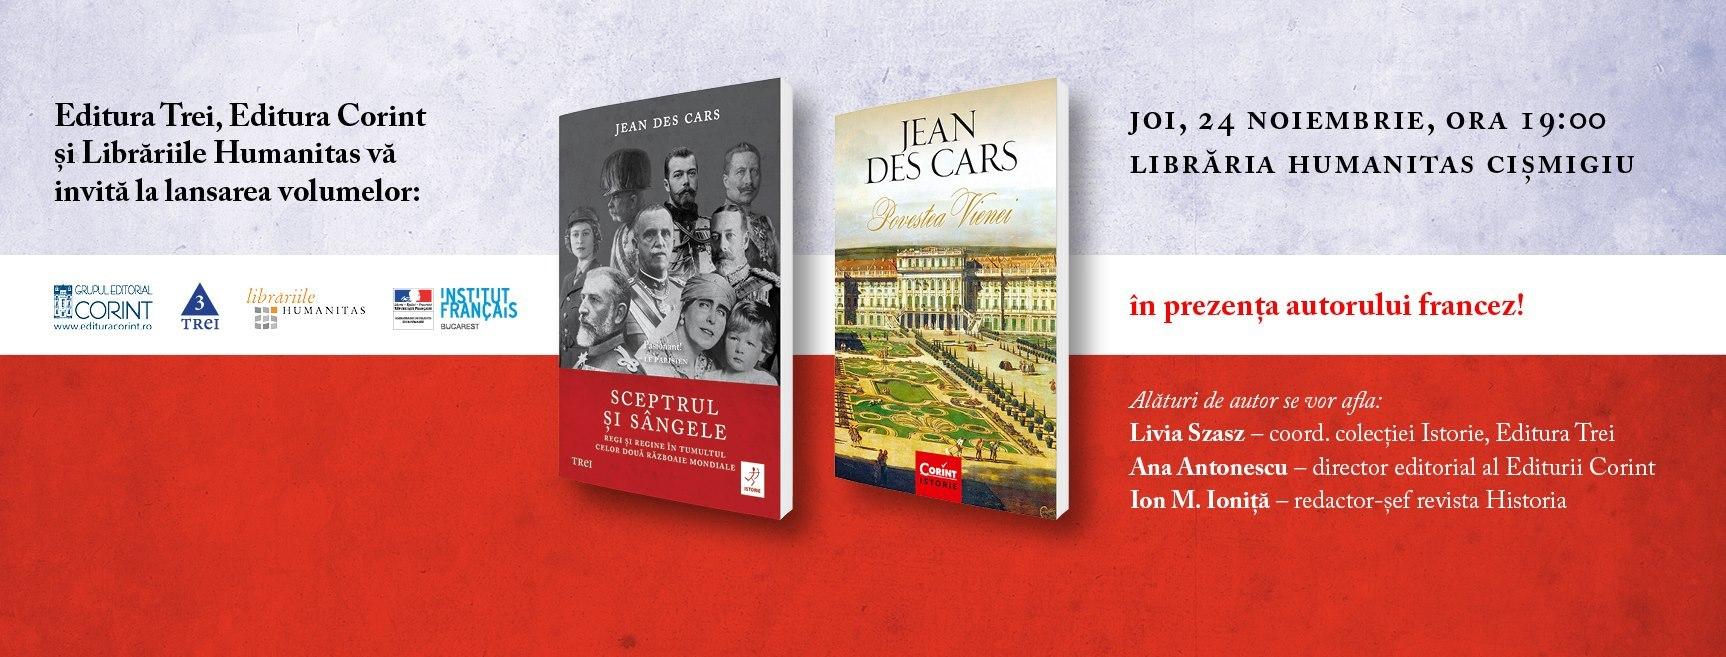 Întâlnire cu autorul francez Jean des Cars